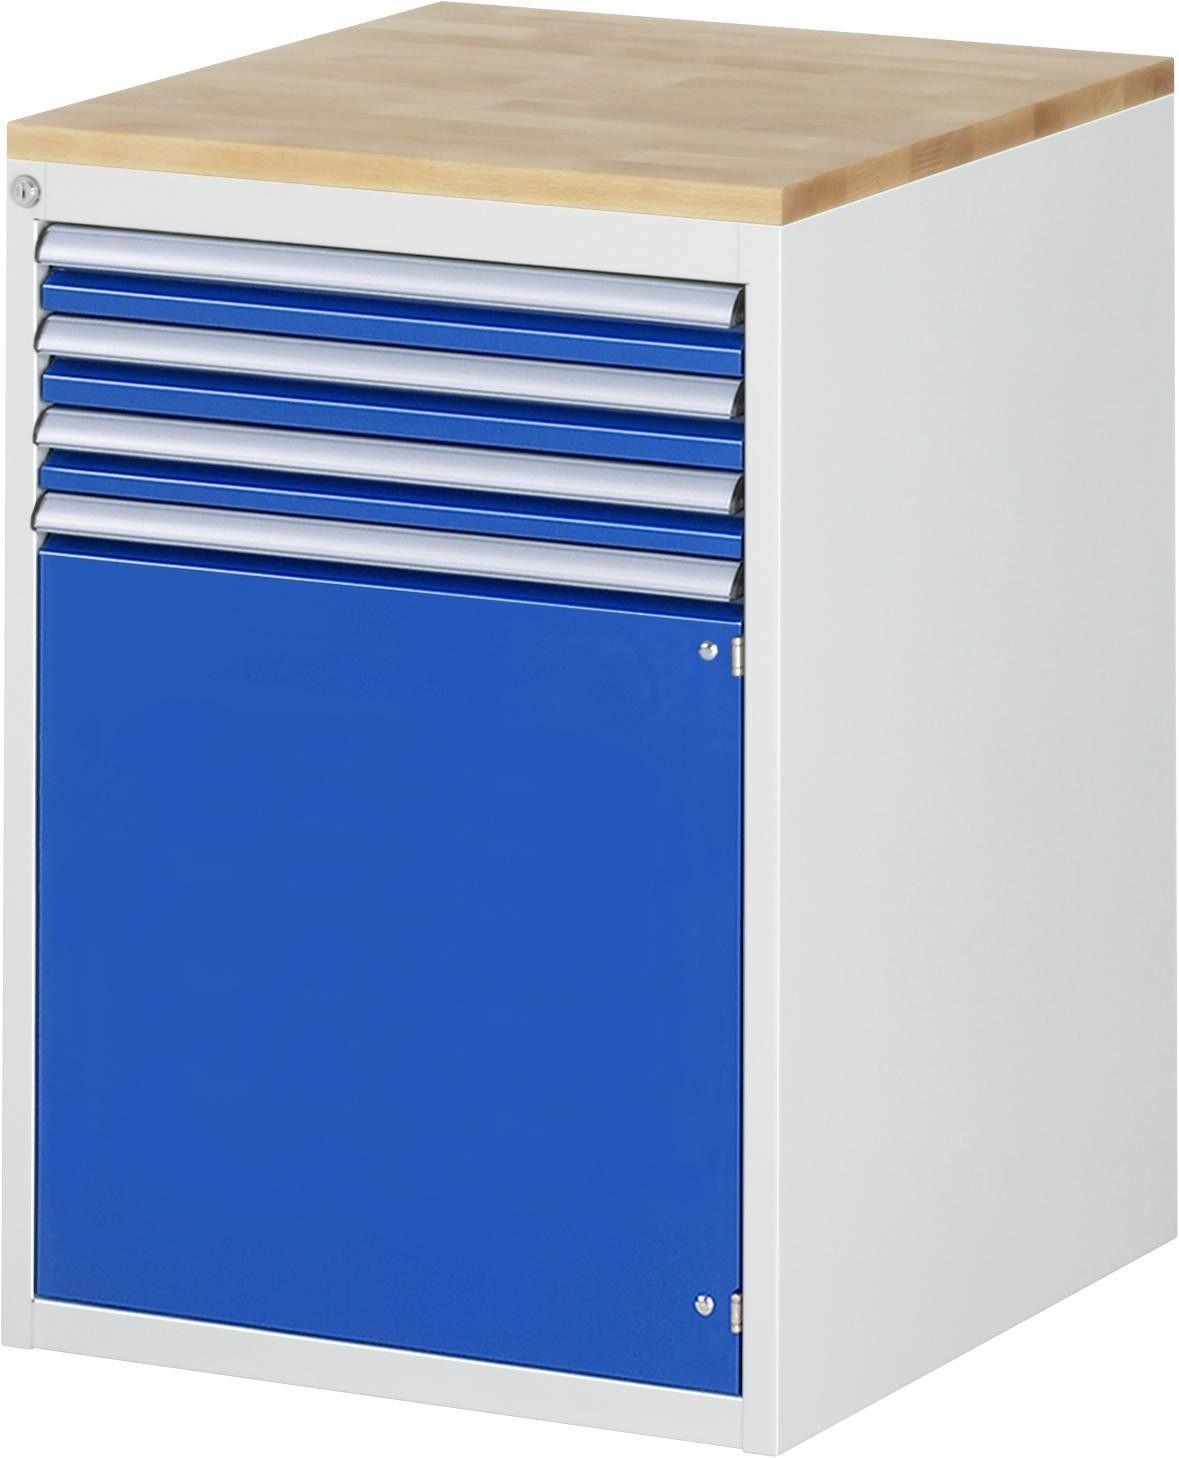 Schubladenschrank Serie 7000 Typ L5 6ar 580x650x825mm Buche Top Teilauszug Gtardo De In 2020 Schubladenschrank Schubladen Schubladenauszug